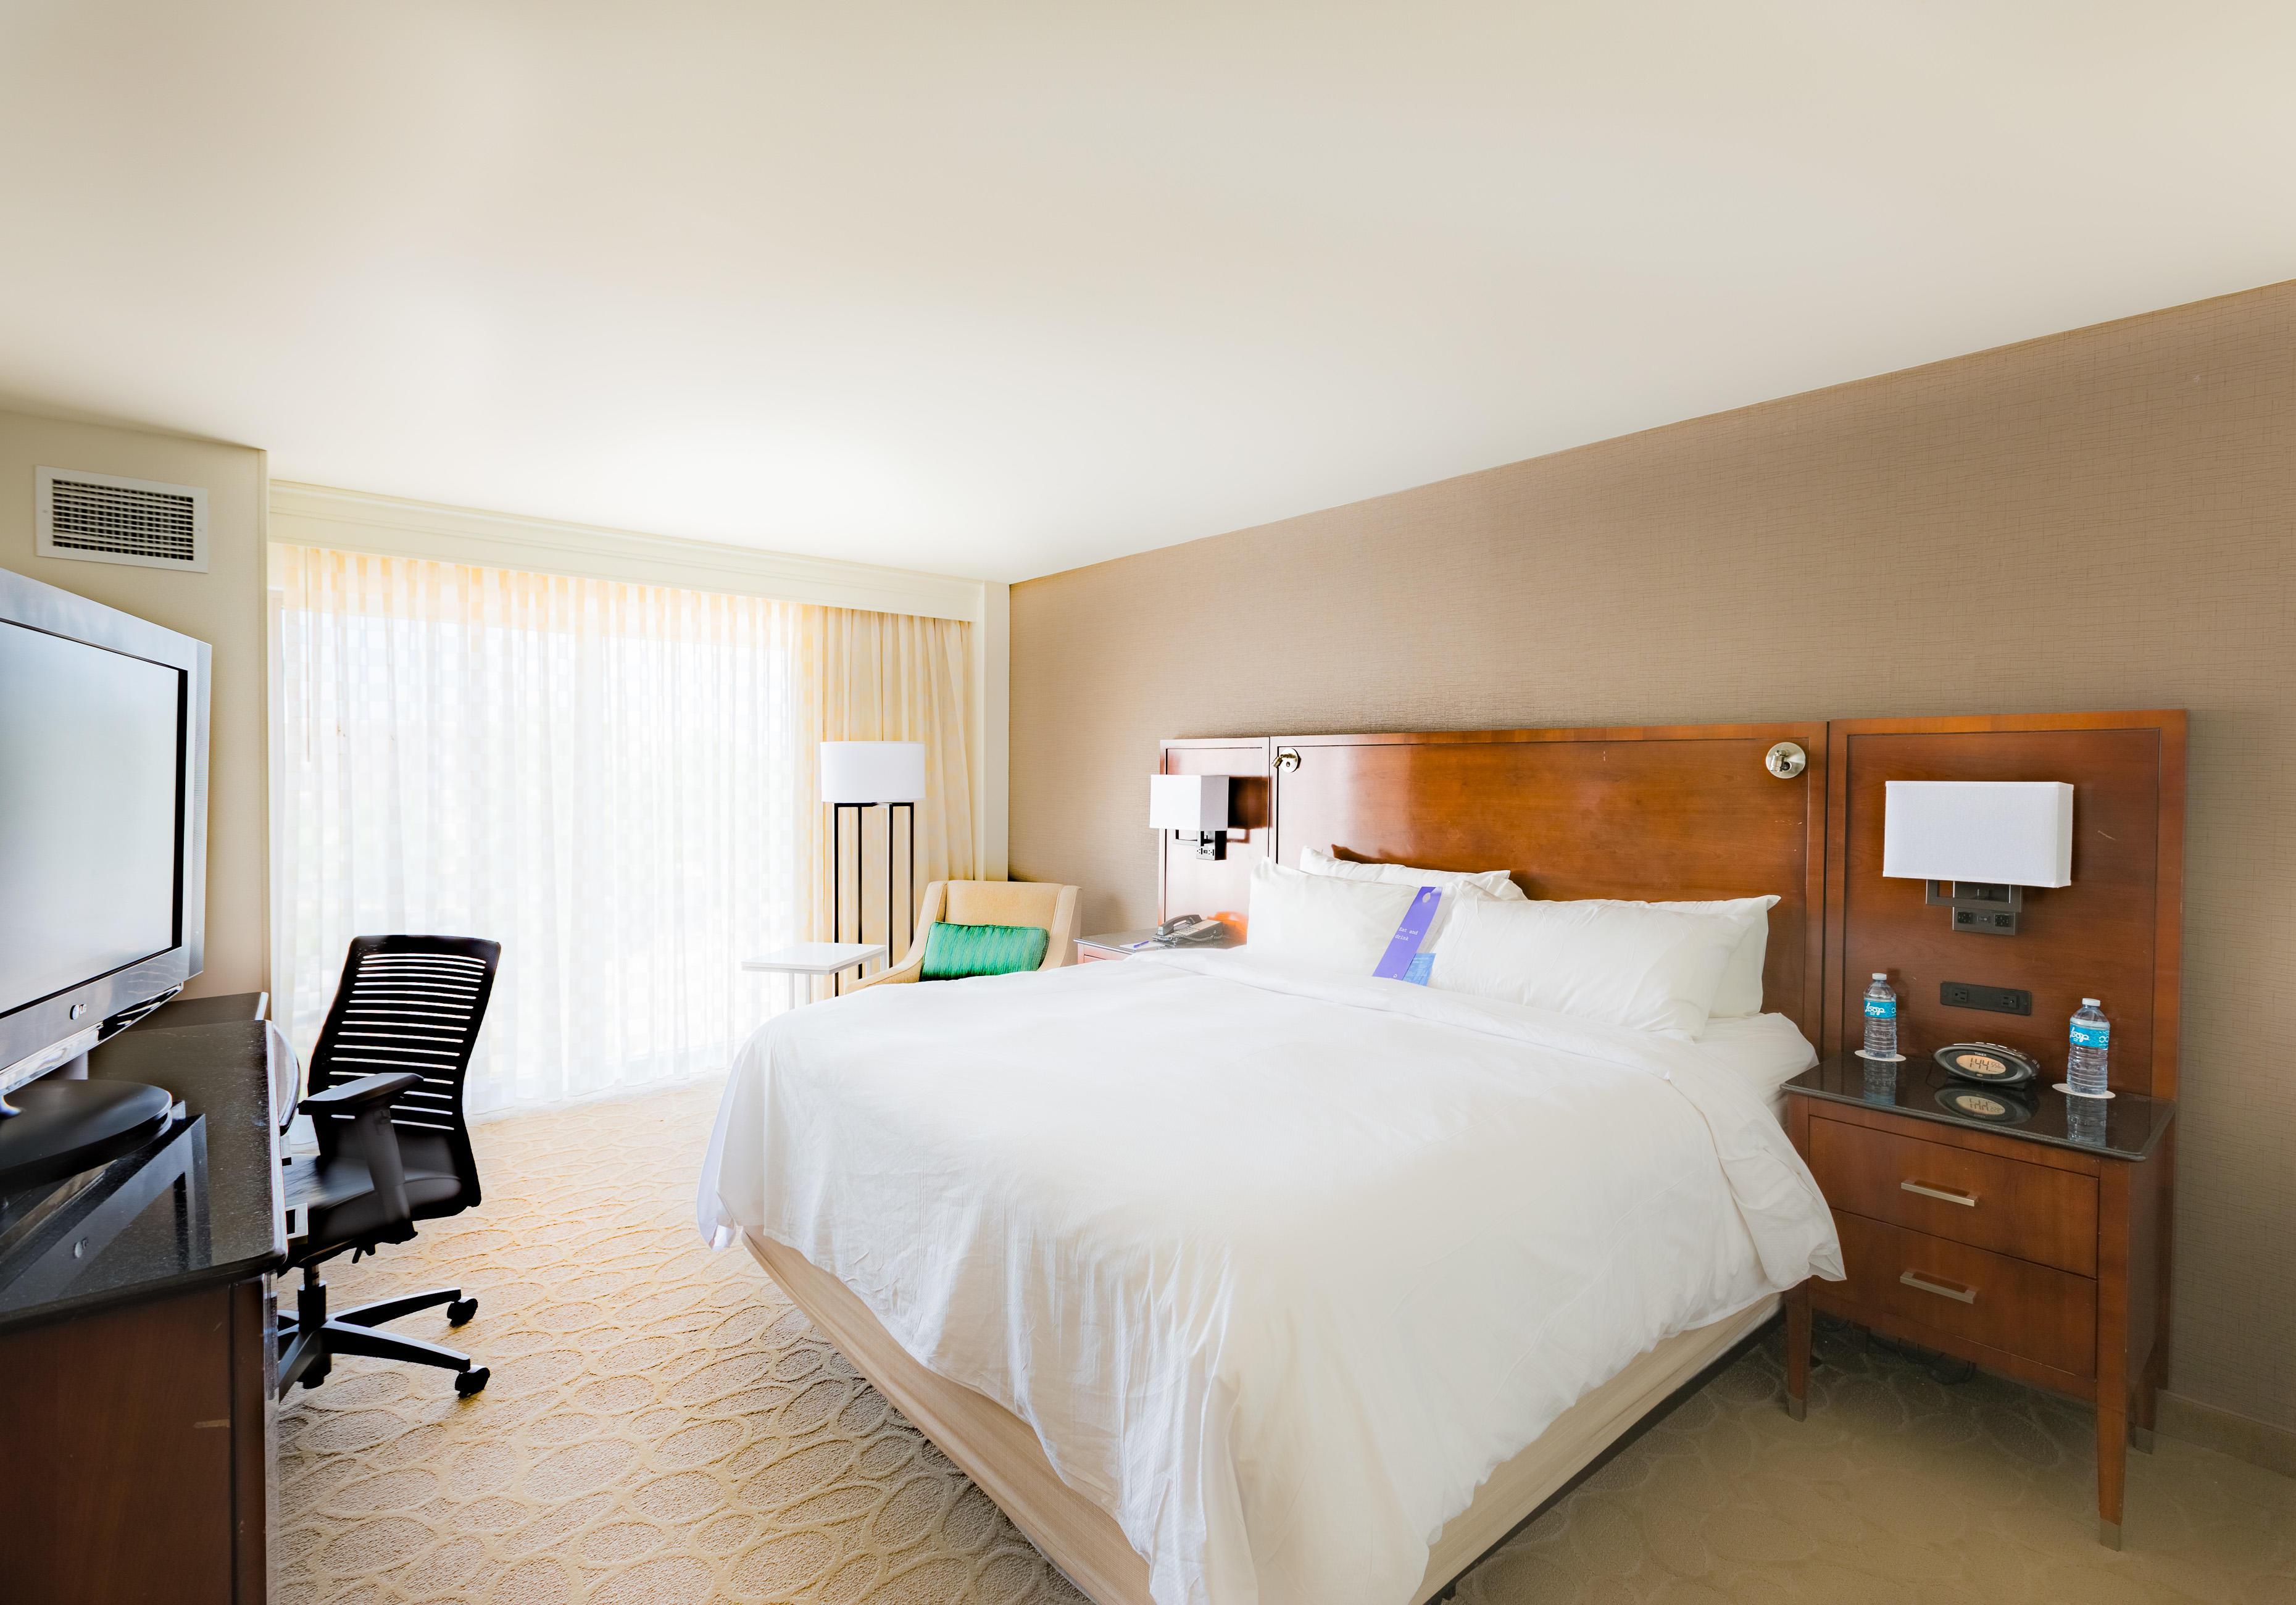 Rooms For Rent In Chesapeake Va